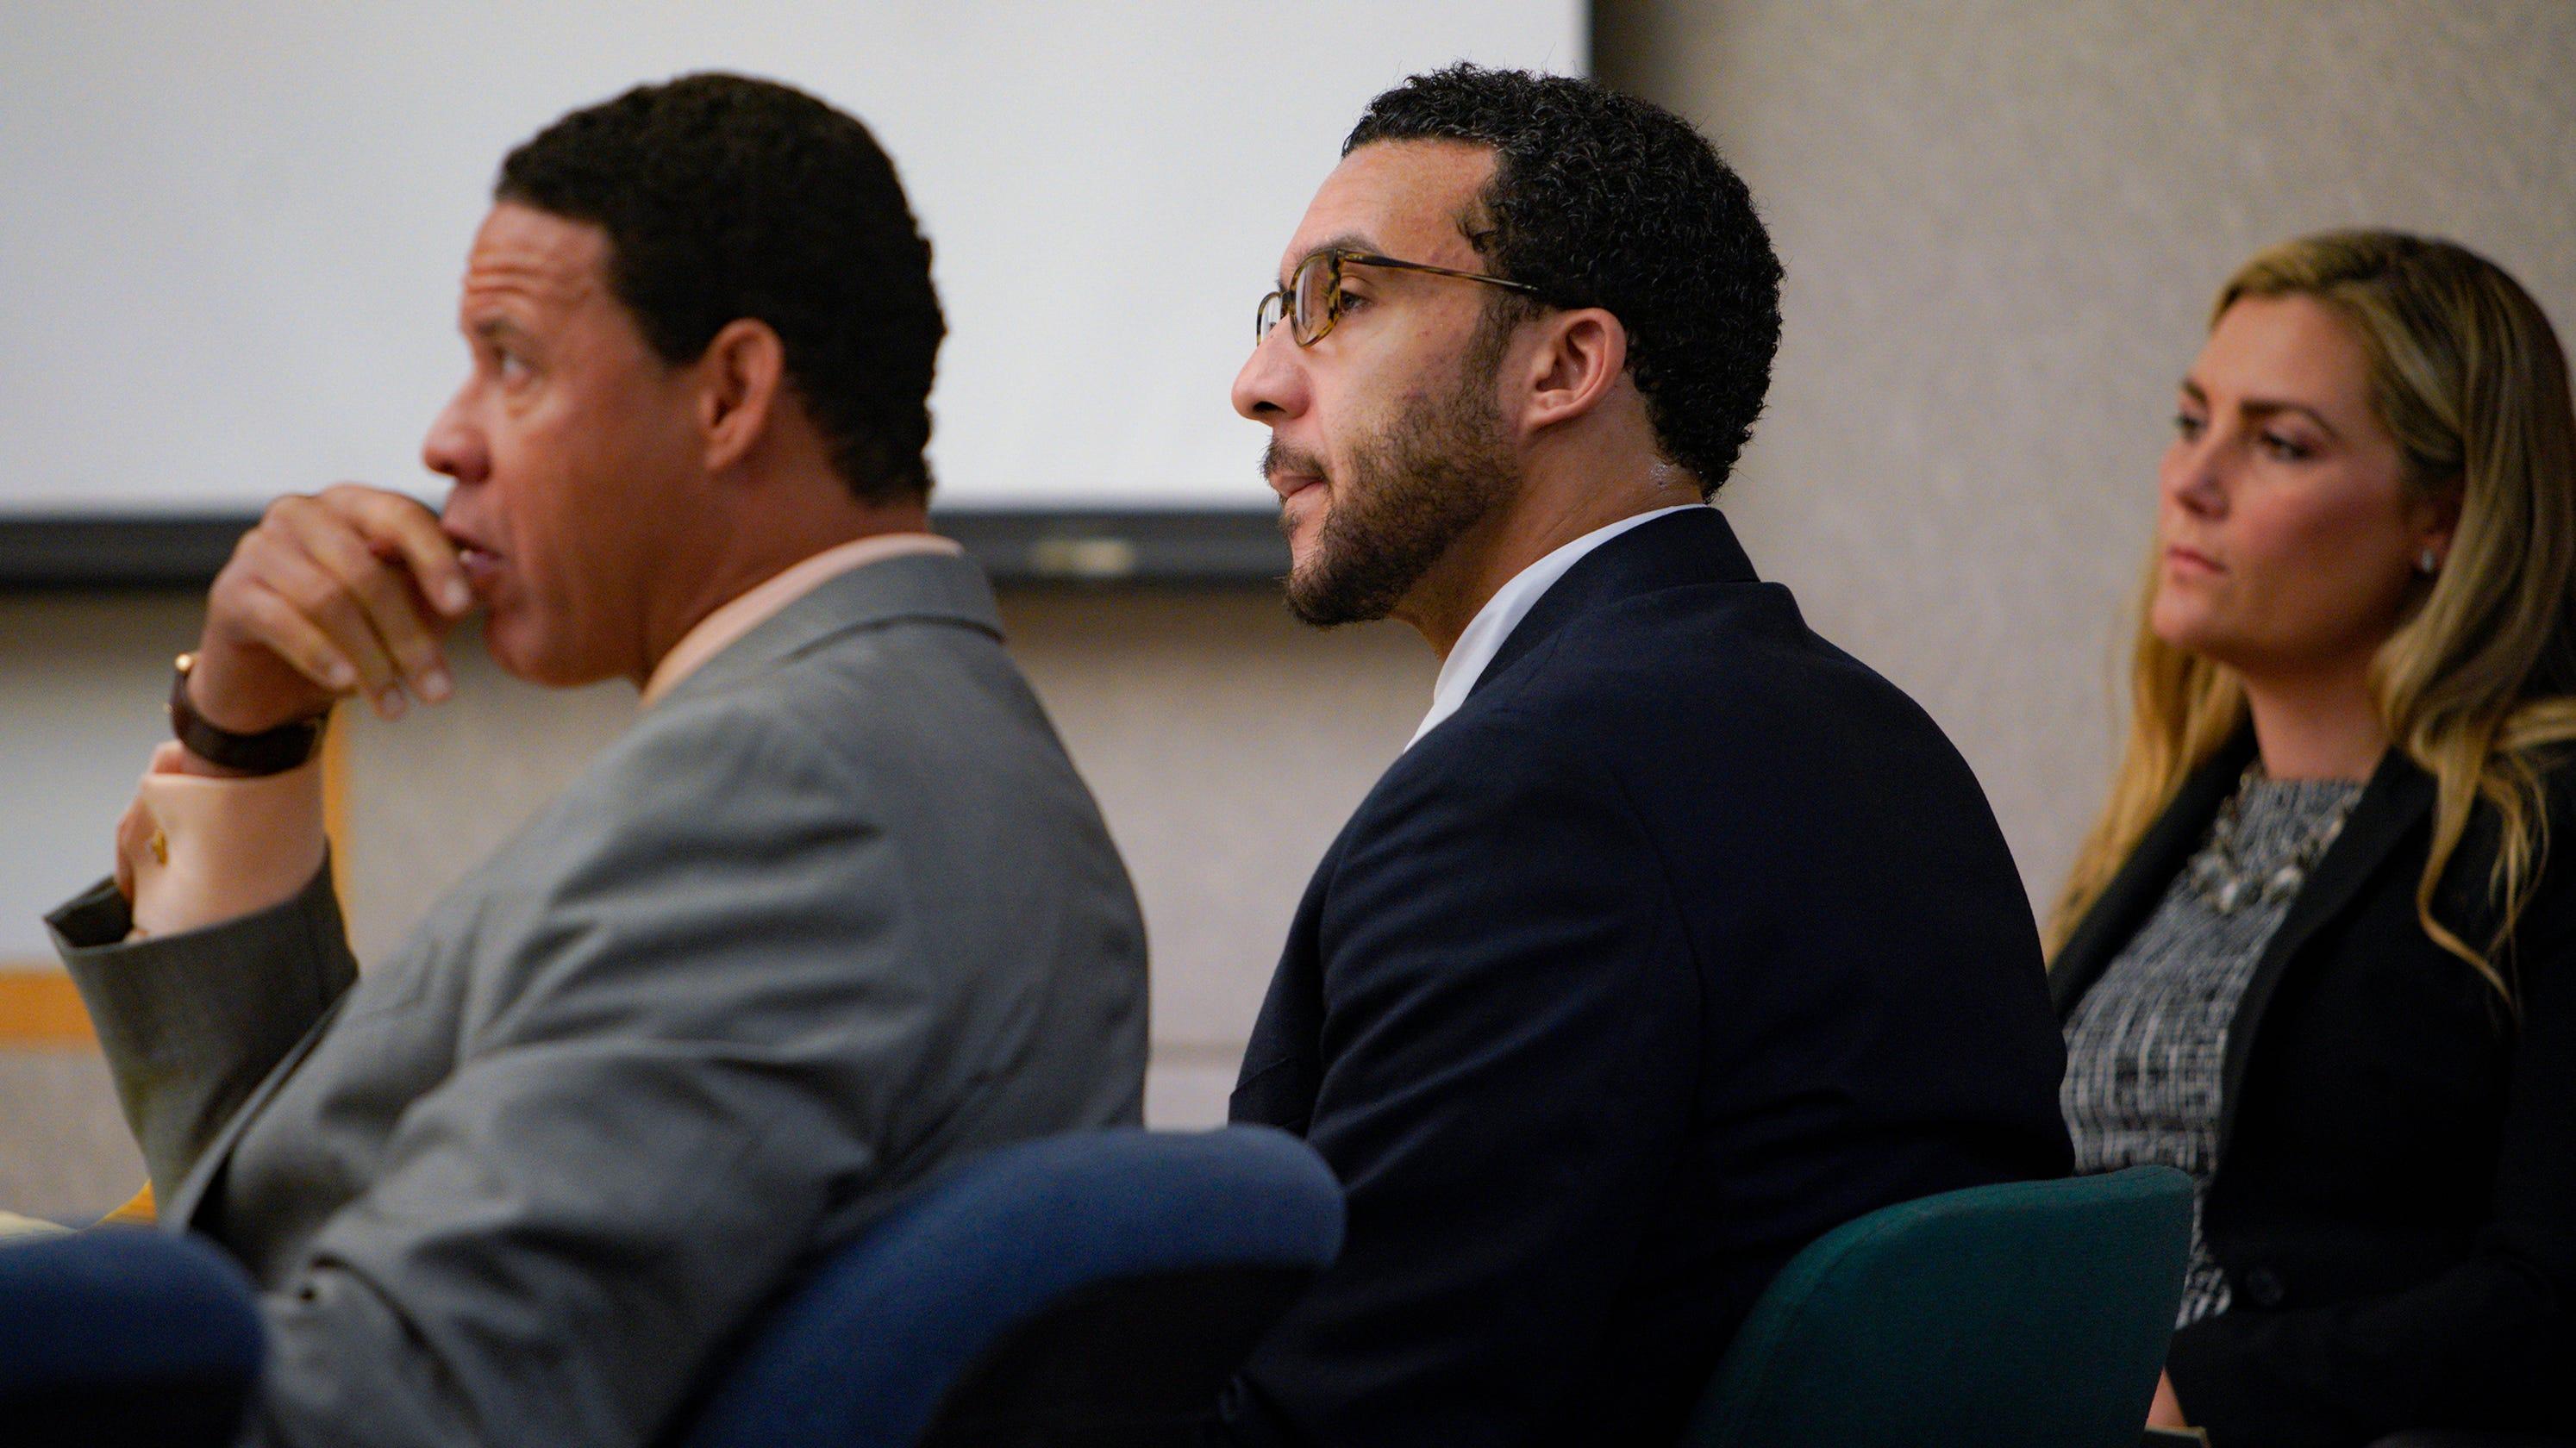 Kellen Winslow Will Face Second Rape Trial In Fall, Remain